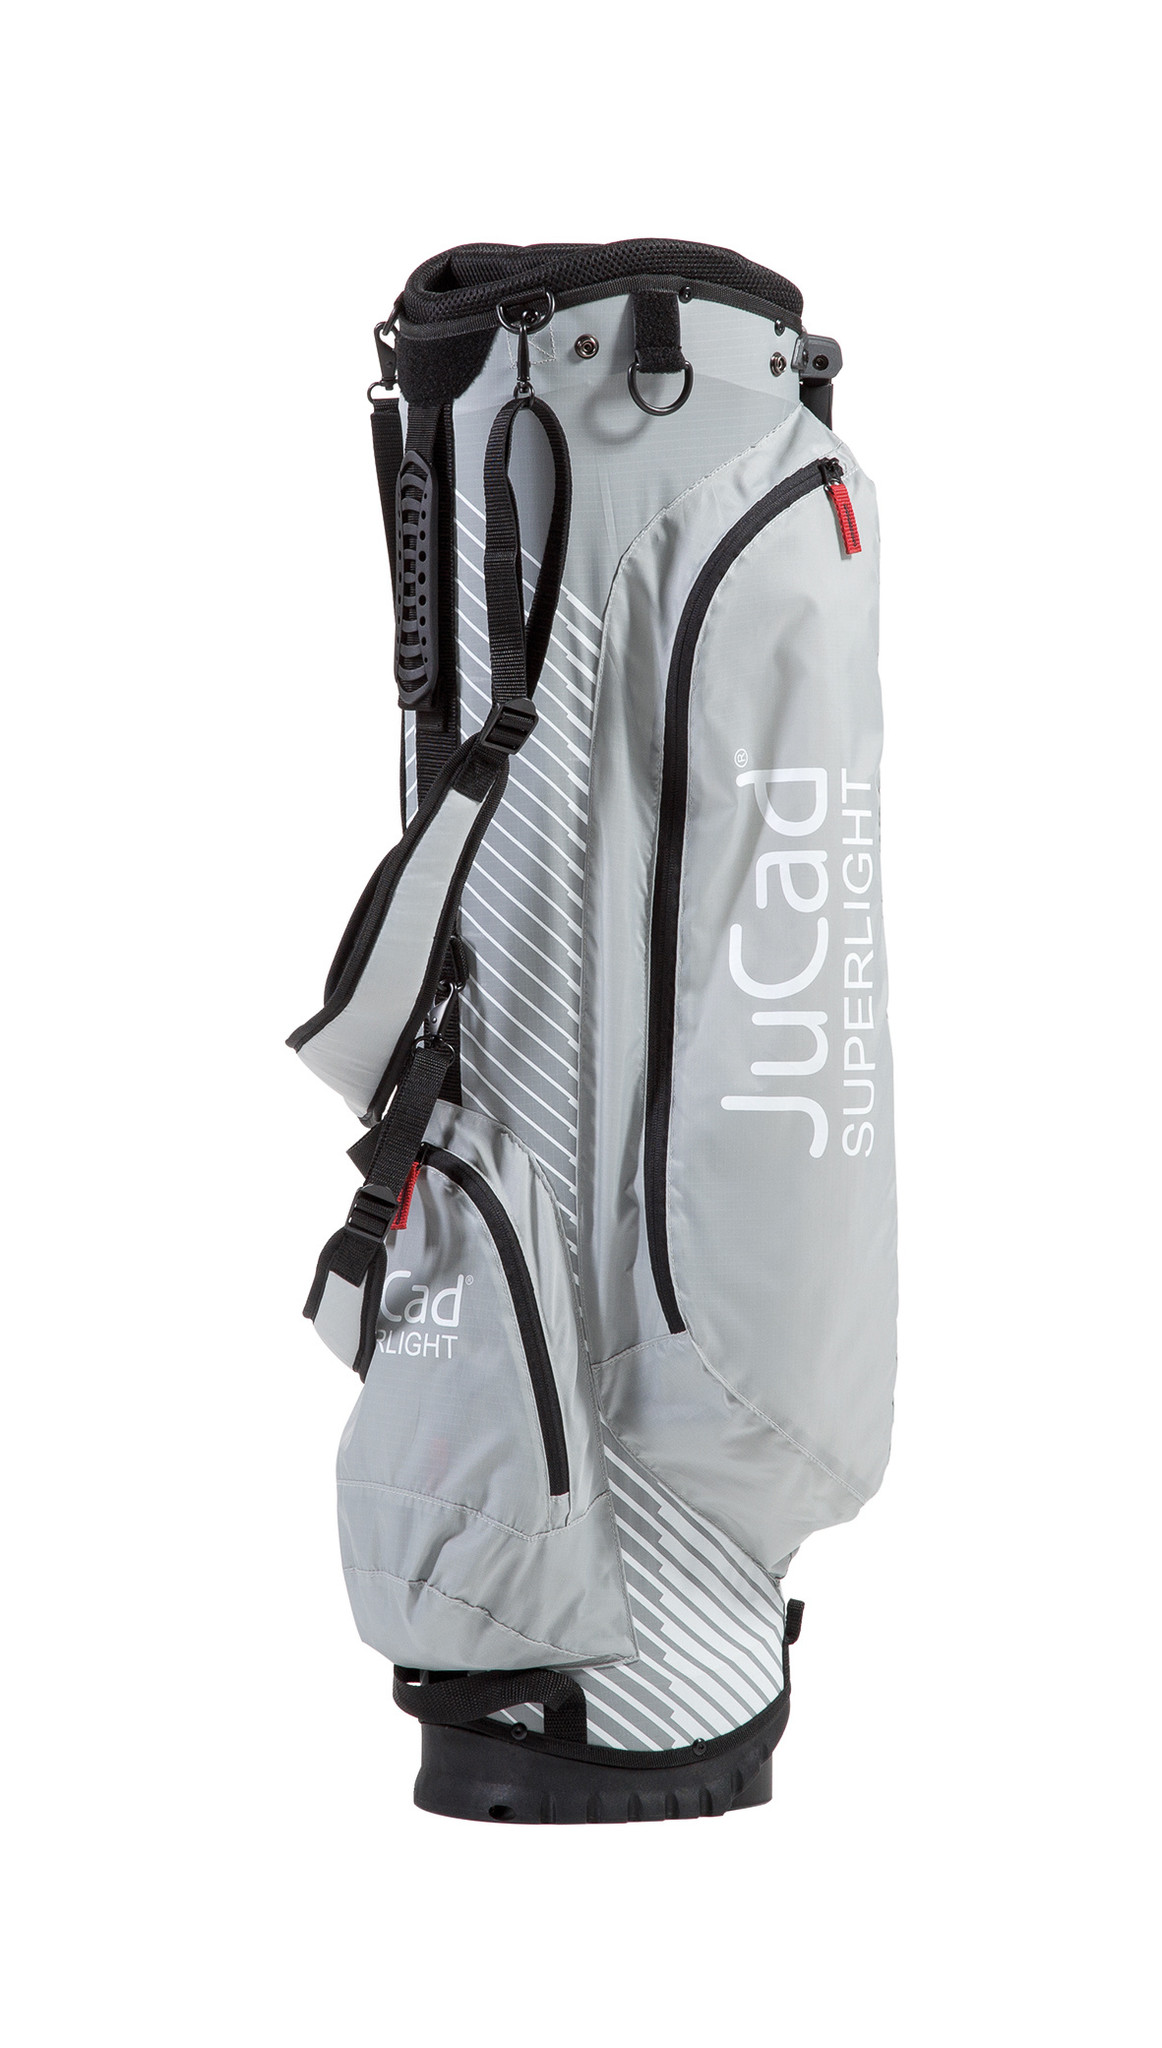 JuCad Superlicht grau-weiß